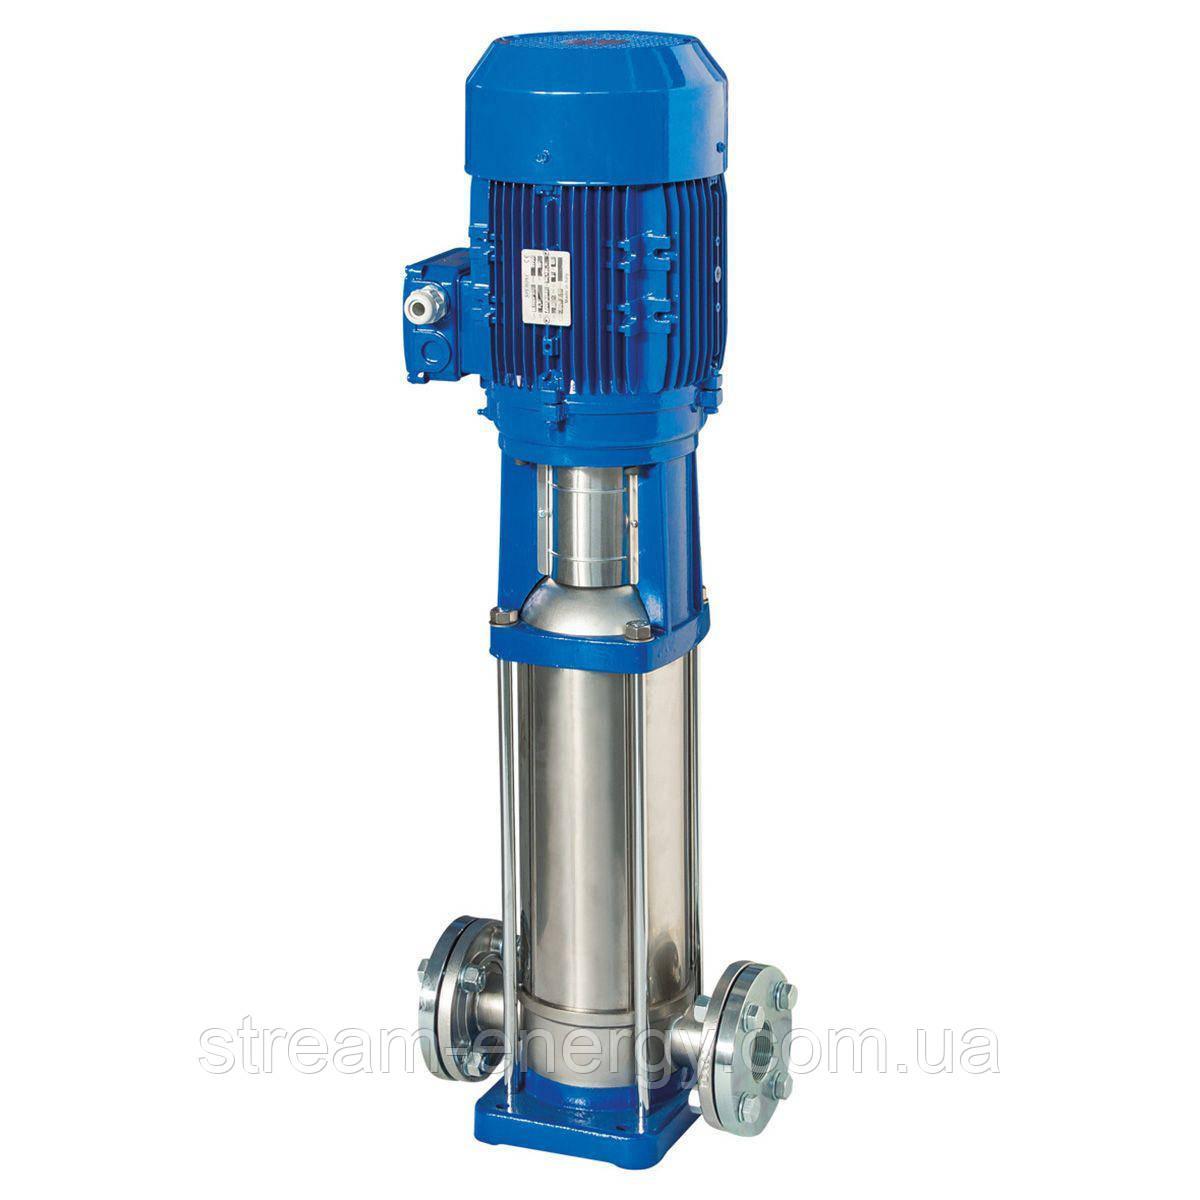 Вертикальный насос для отопления Speroni VS 16-16, напор 222м